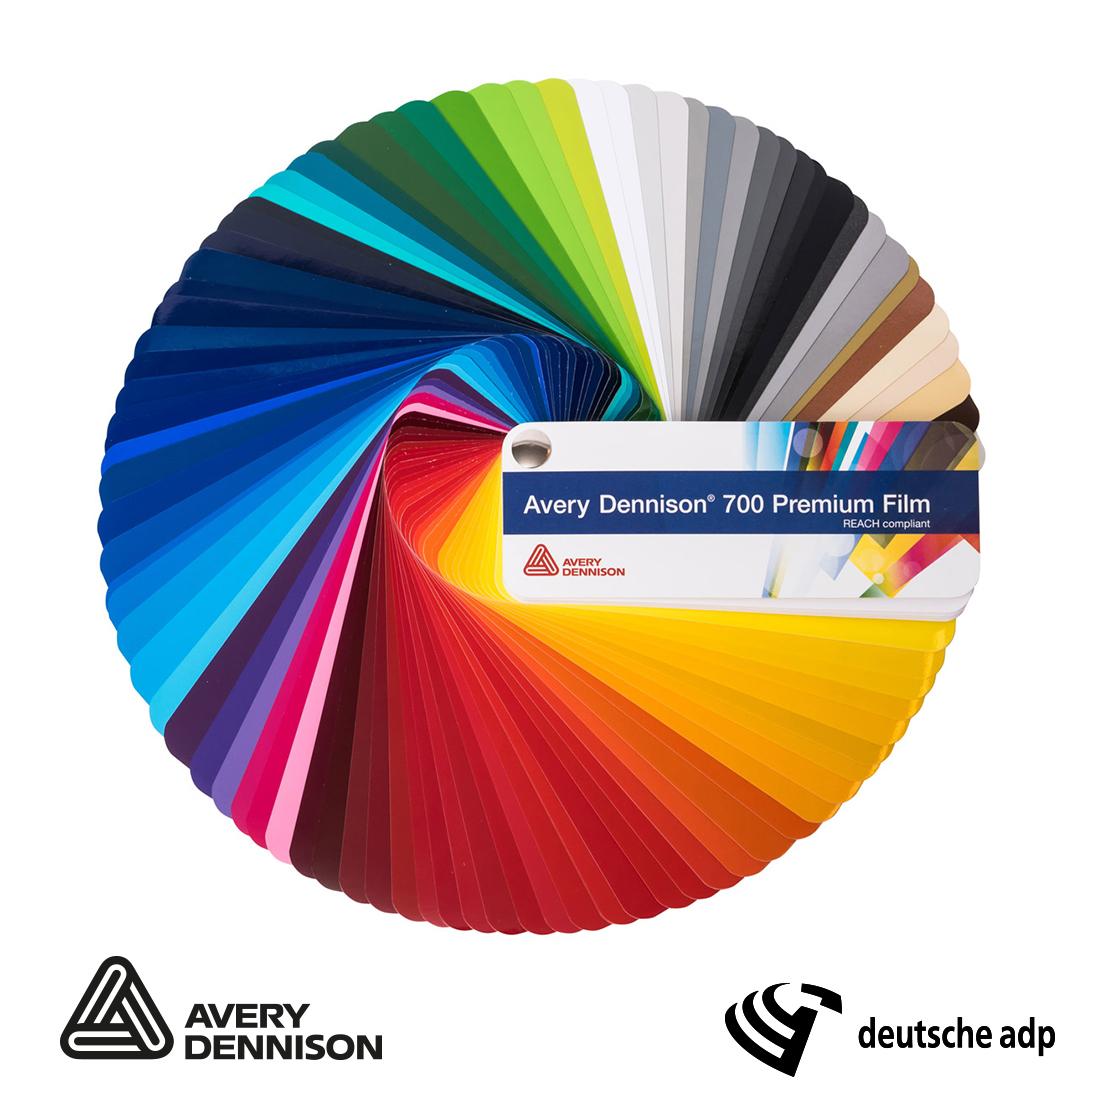 Avery Dennison 700 Premium Film Farbfächer